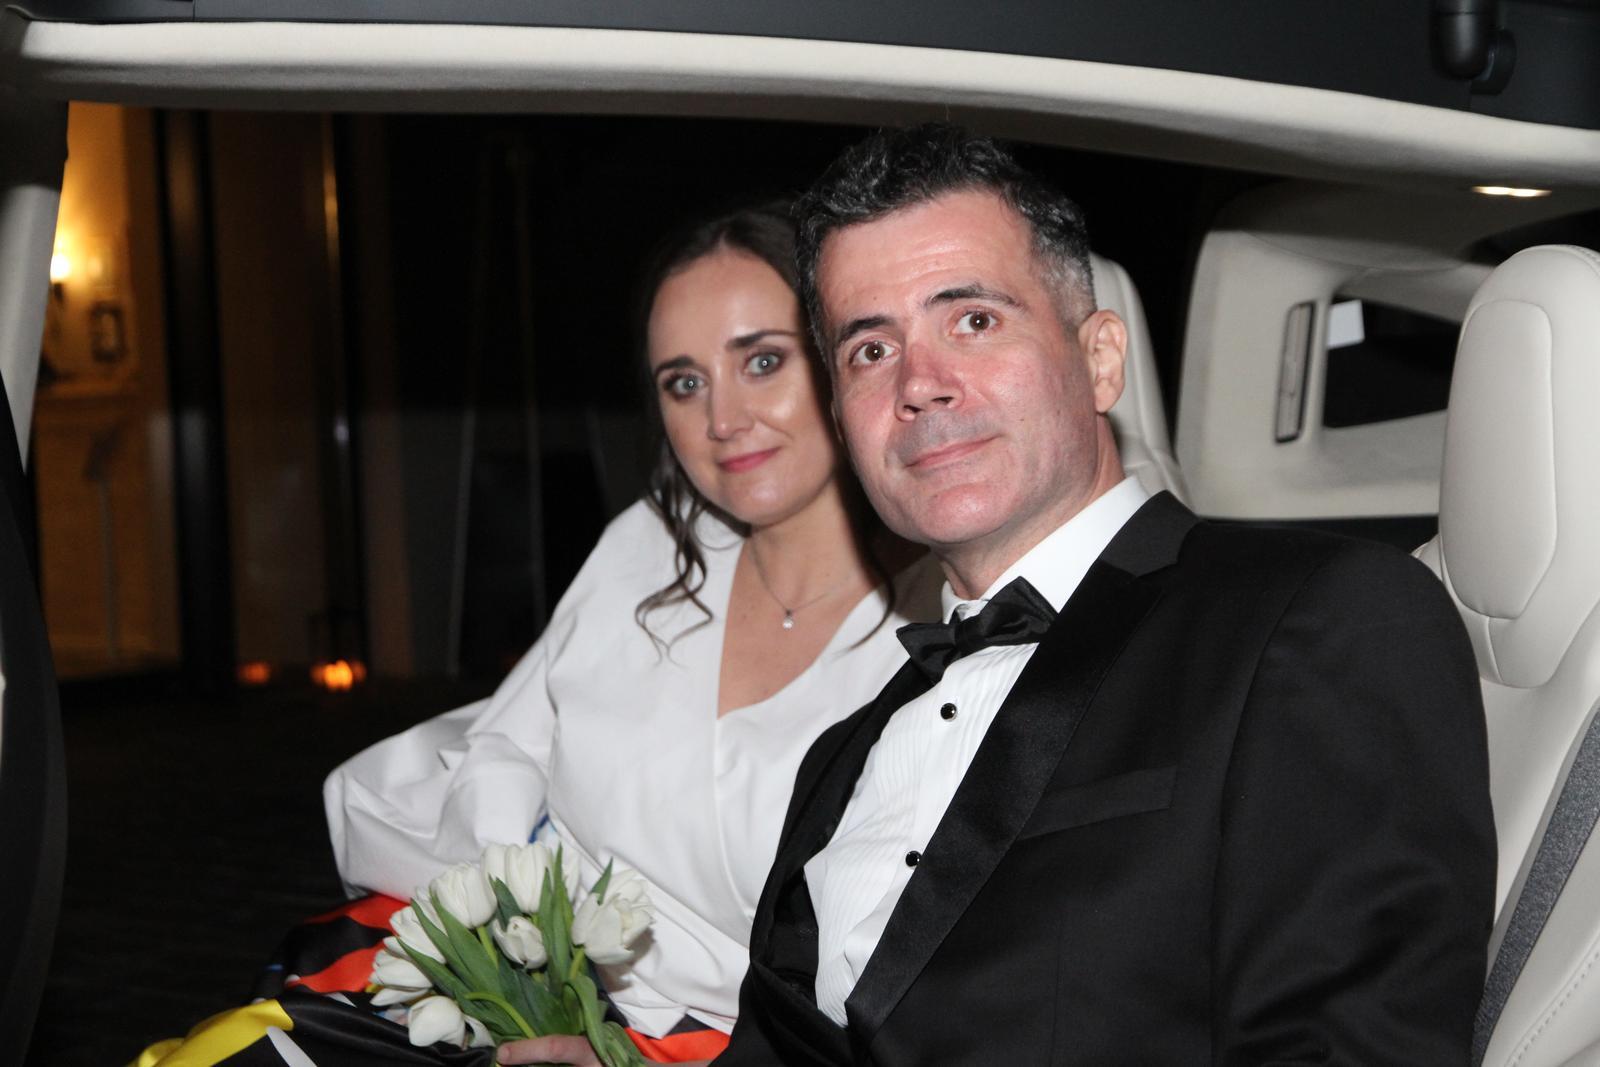 svadobnatesla - Navid & Mirka - náš 1. svadobný odvoz